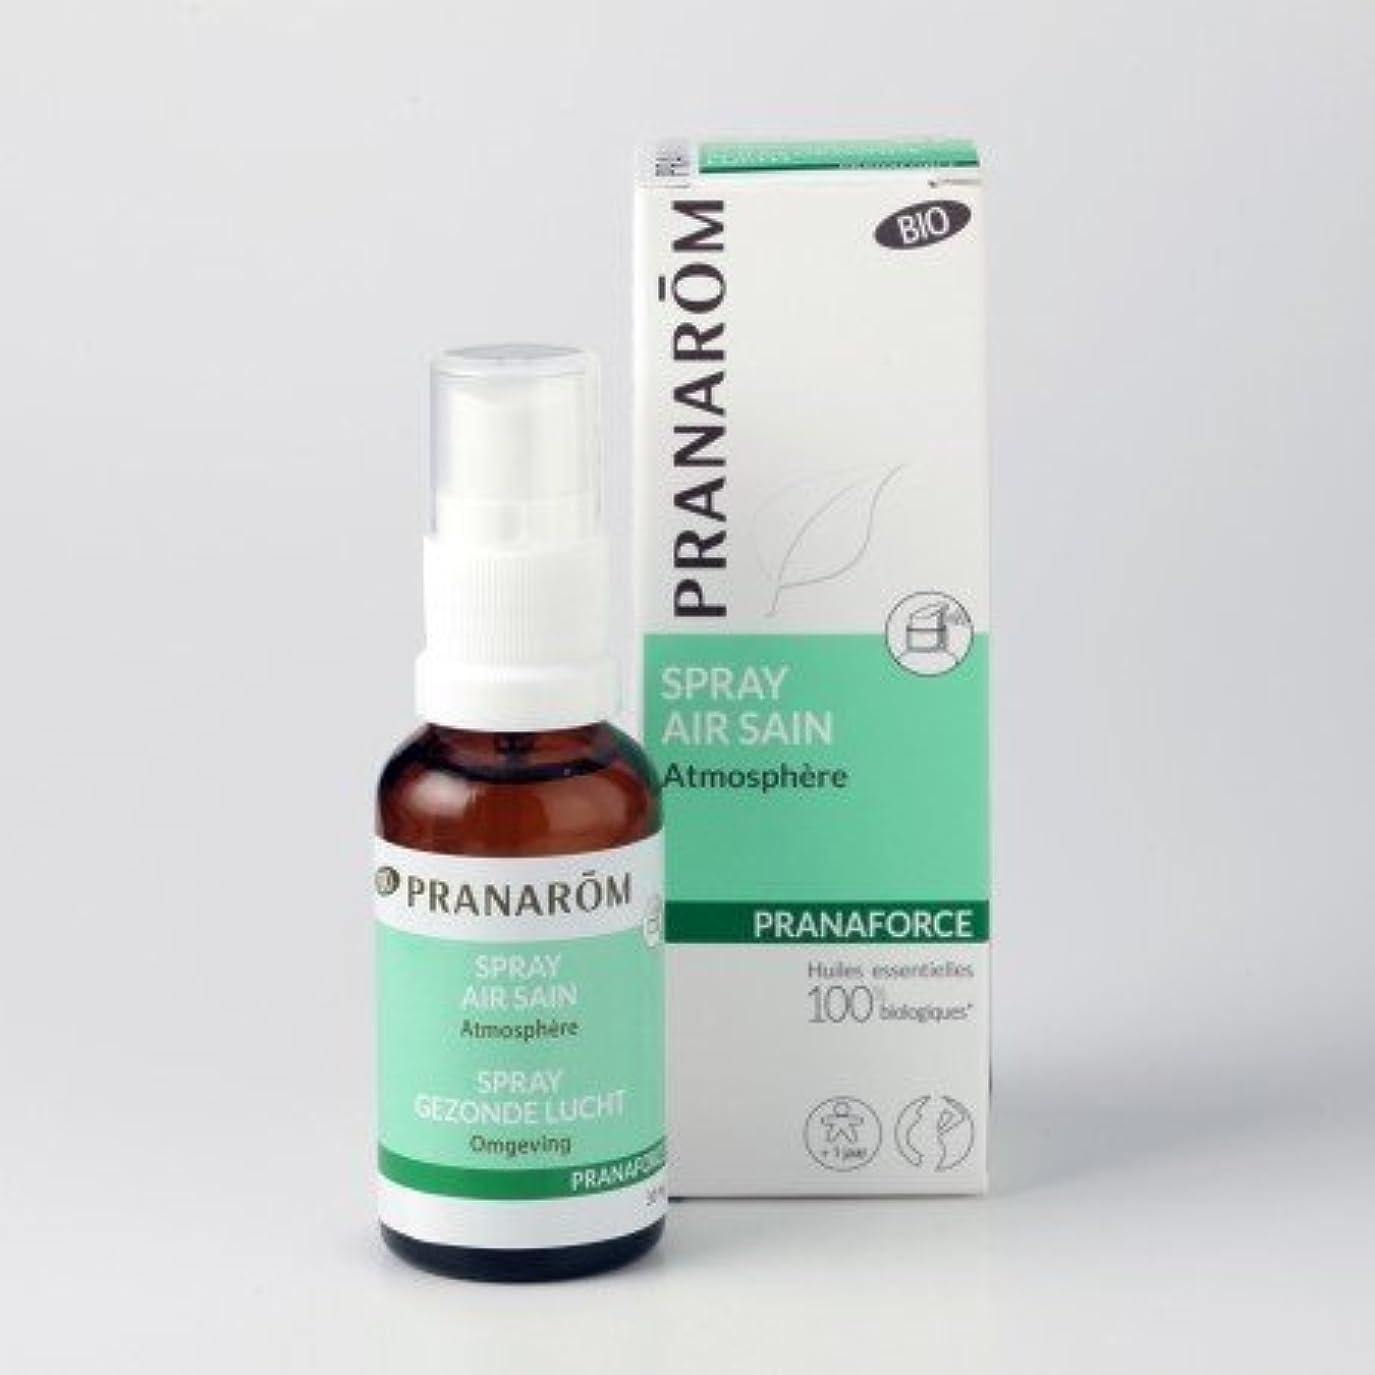 細断作物ローンプラナロム (PRANAROM) ルームコロン プラナフォース?スプレー 30ml 02601 エアフレッシュナー (芳香剤)